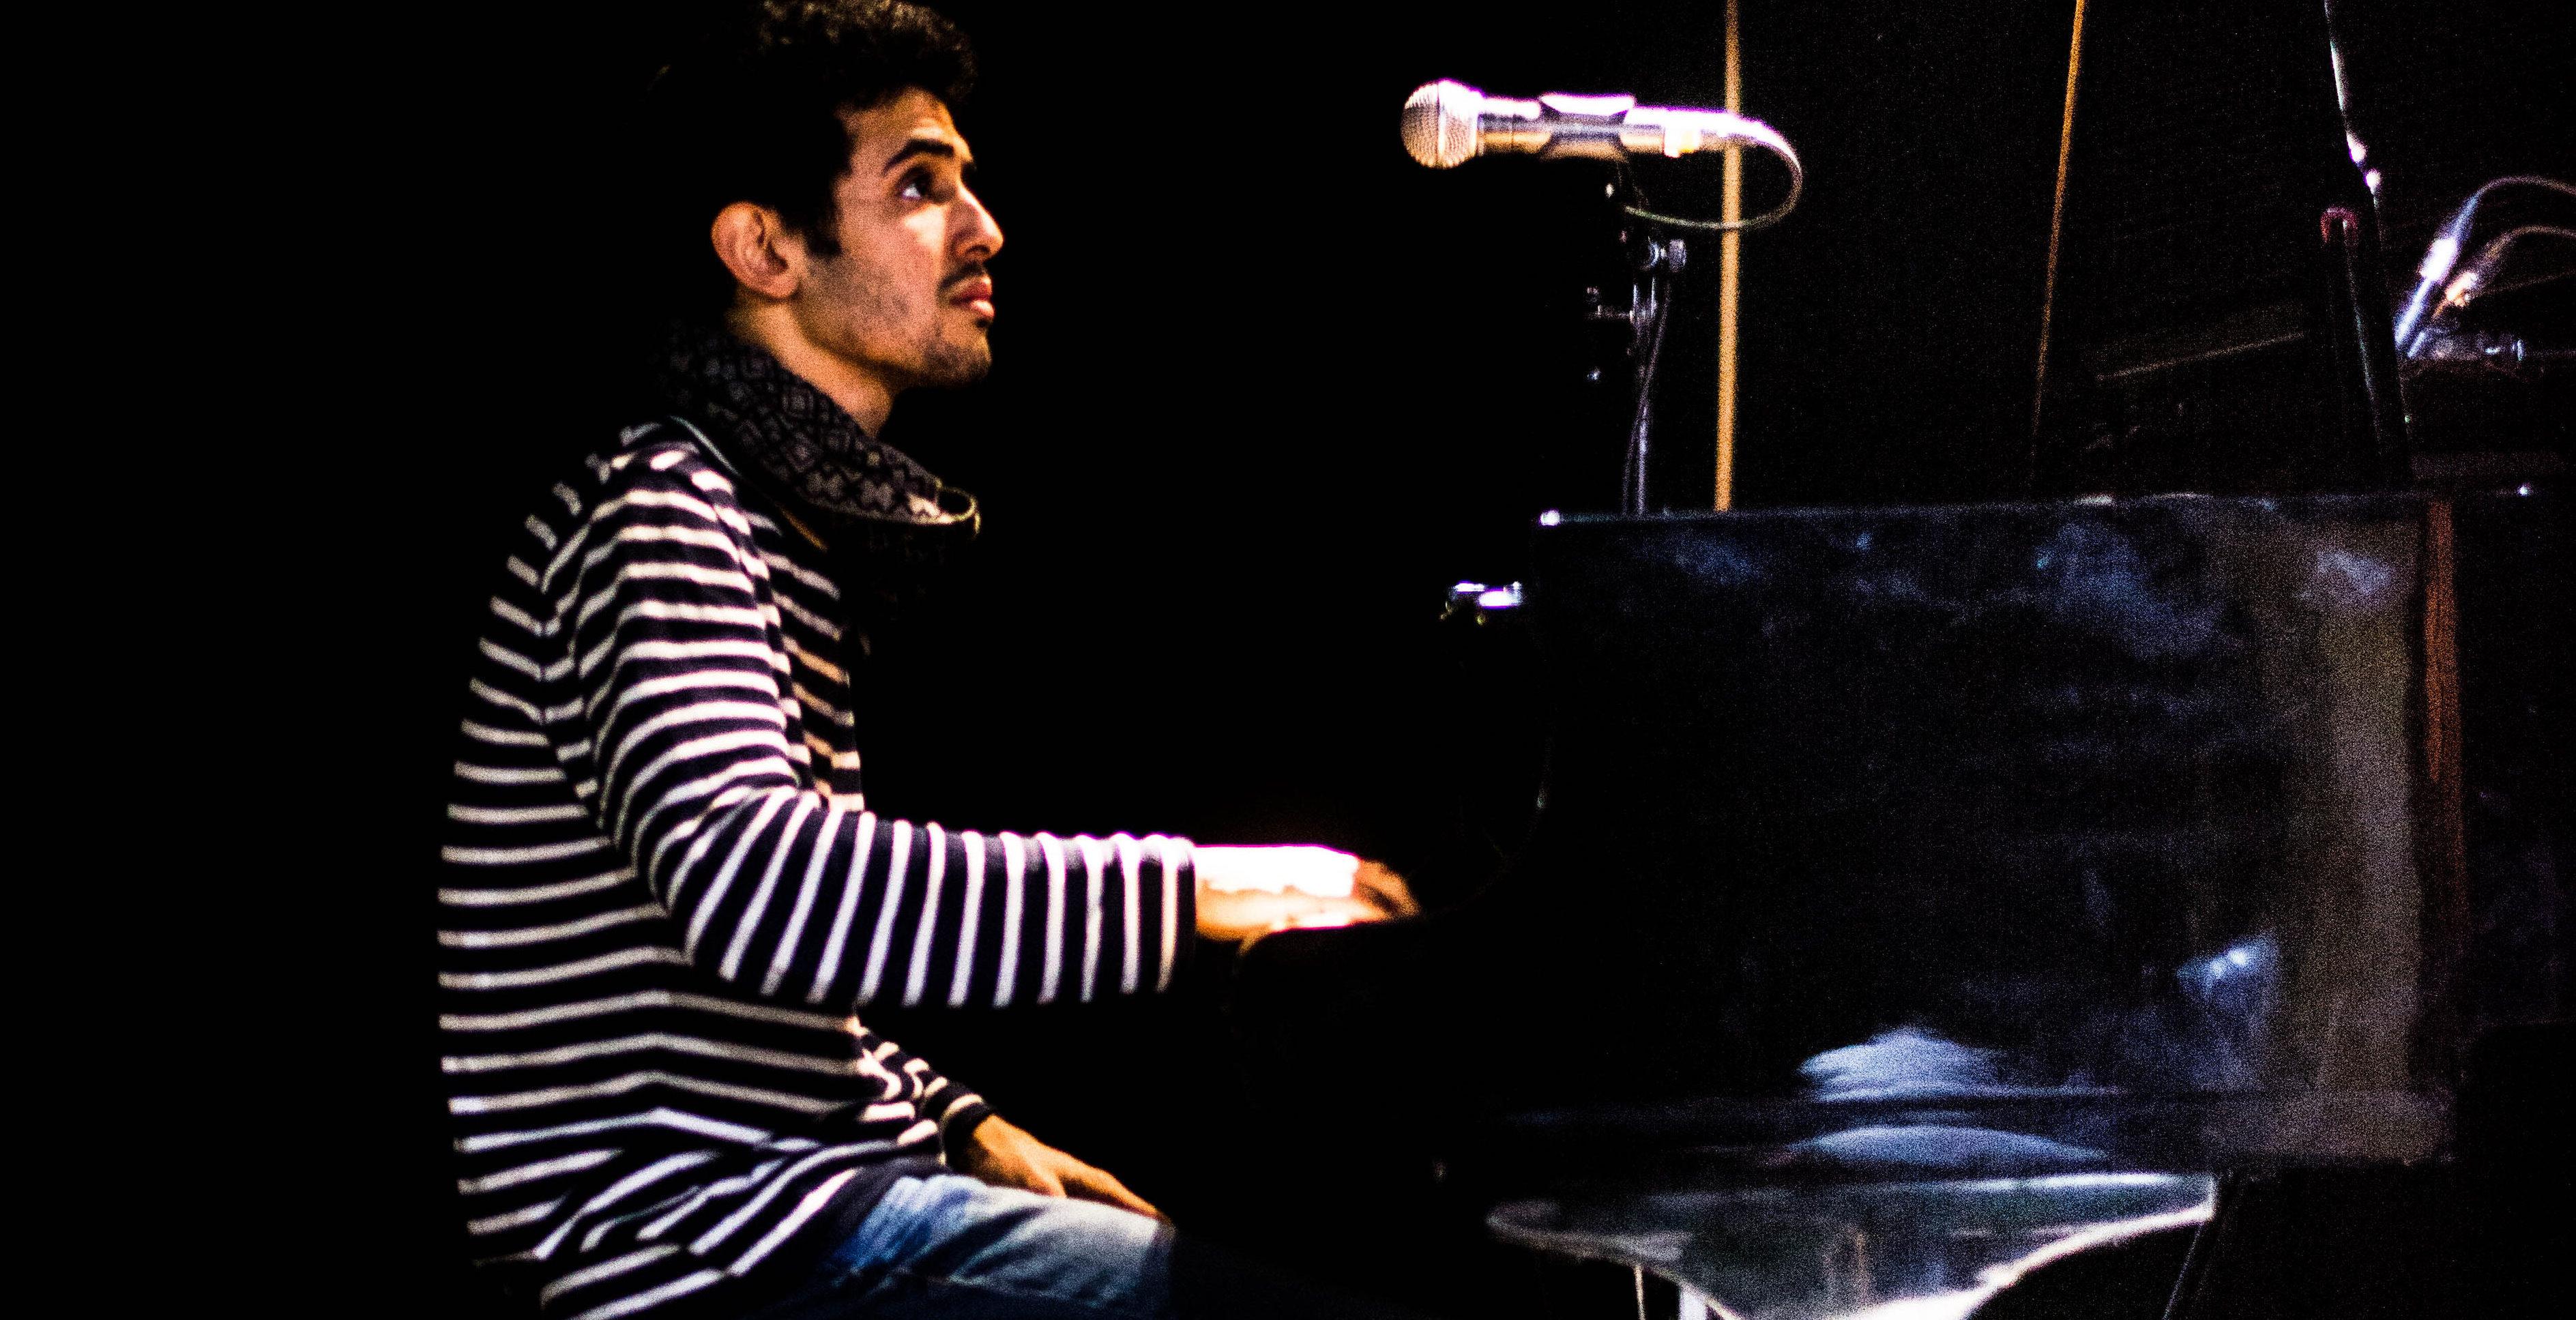 Von der Straße in den Konzertsaal: Aeham Ahmad spielte im Karlstorbahnhof sowohl Klassik als auch Eigenkompositionen. Foto: Philip Hiller.